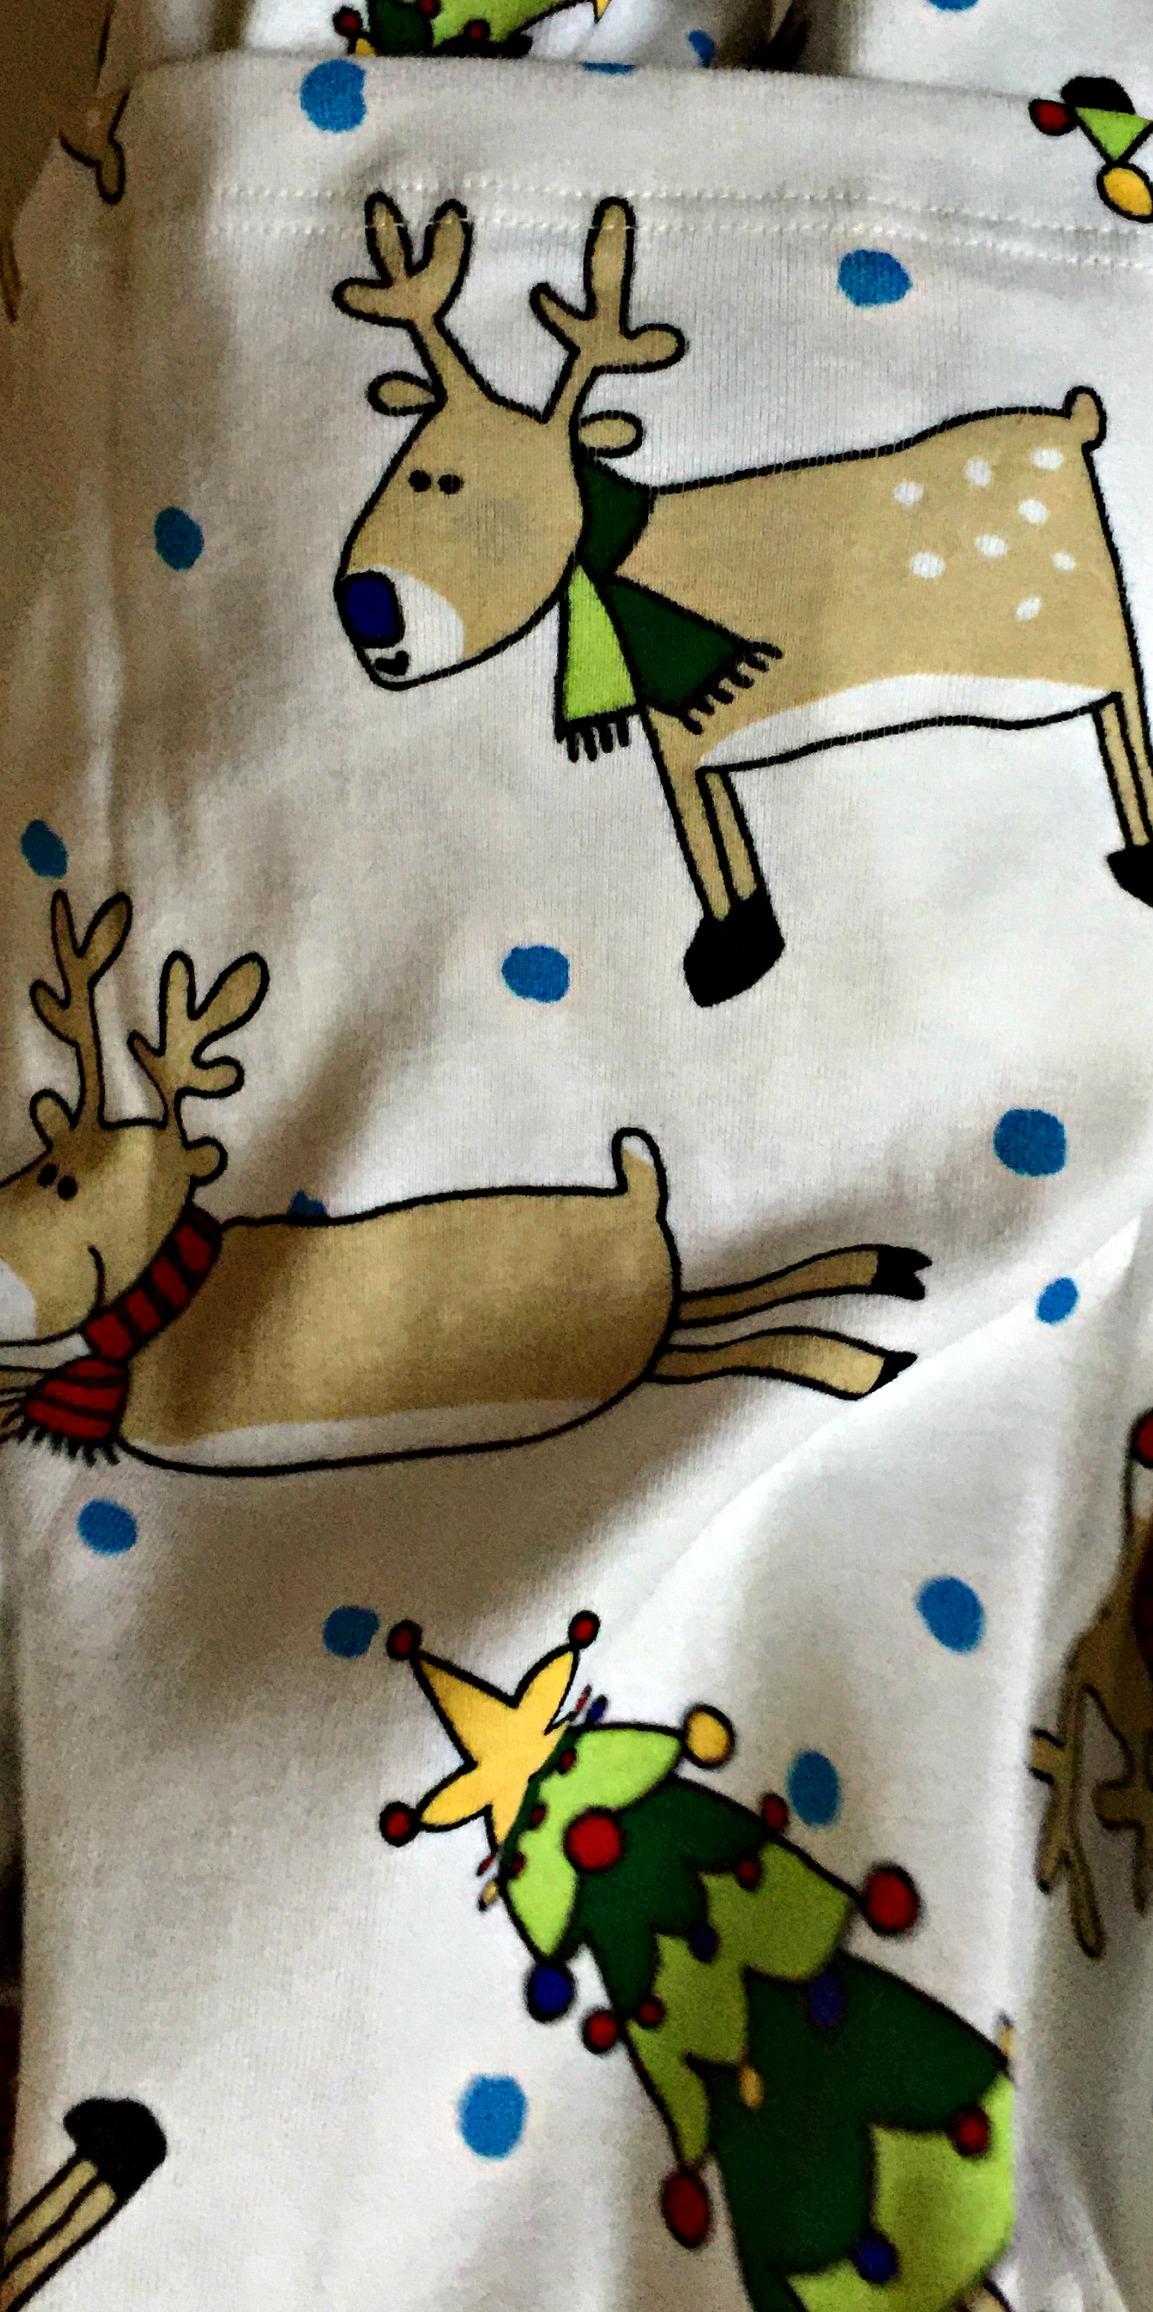 Pyjamas barn julmotiv närbild